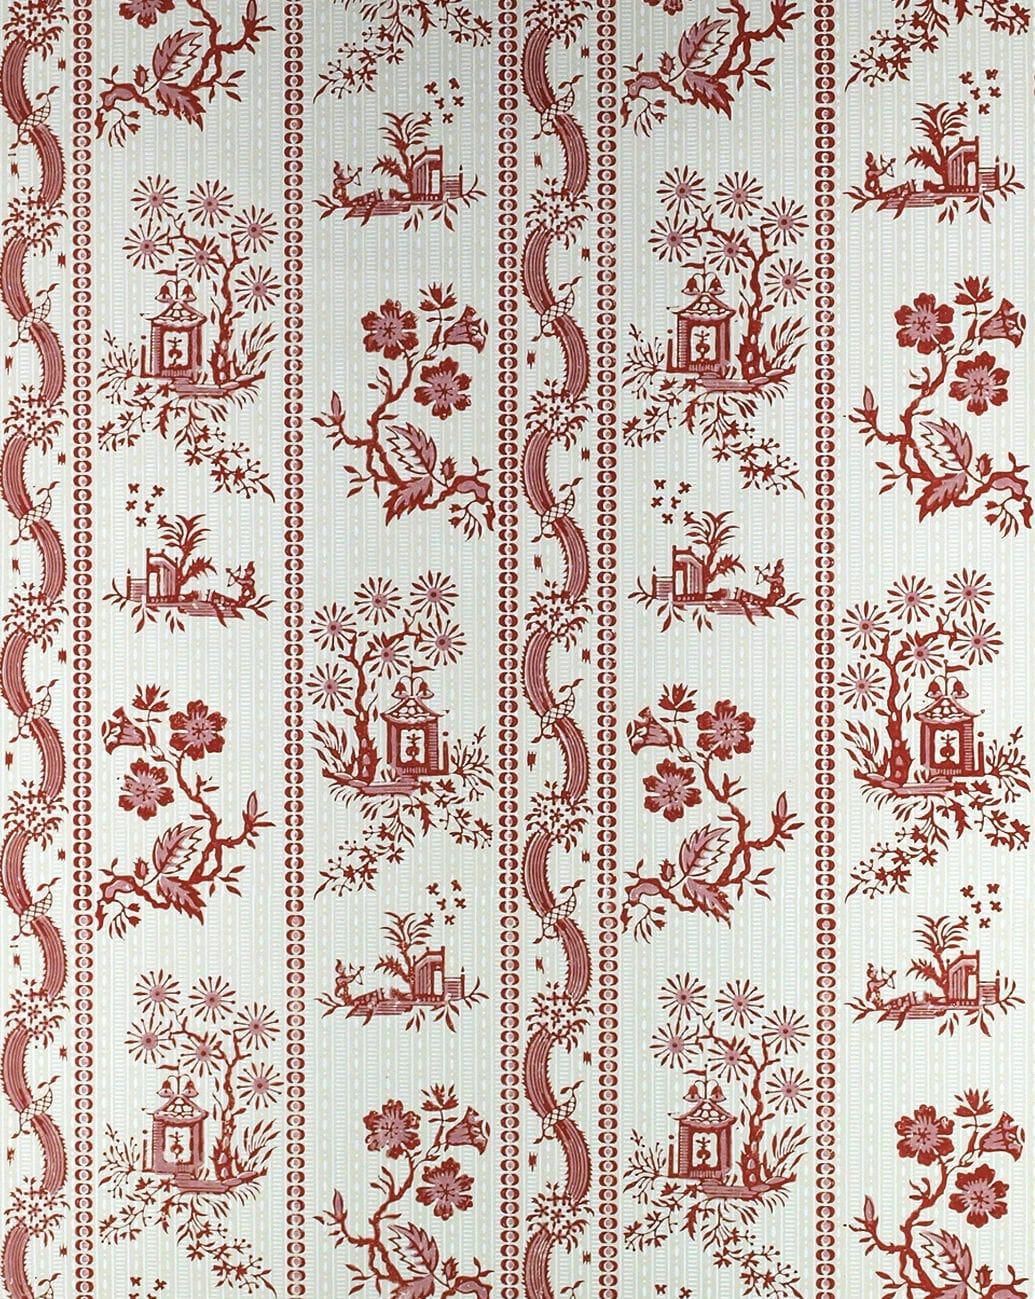 Français Toile Wallpaper